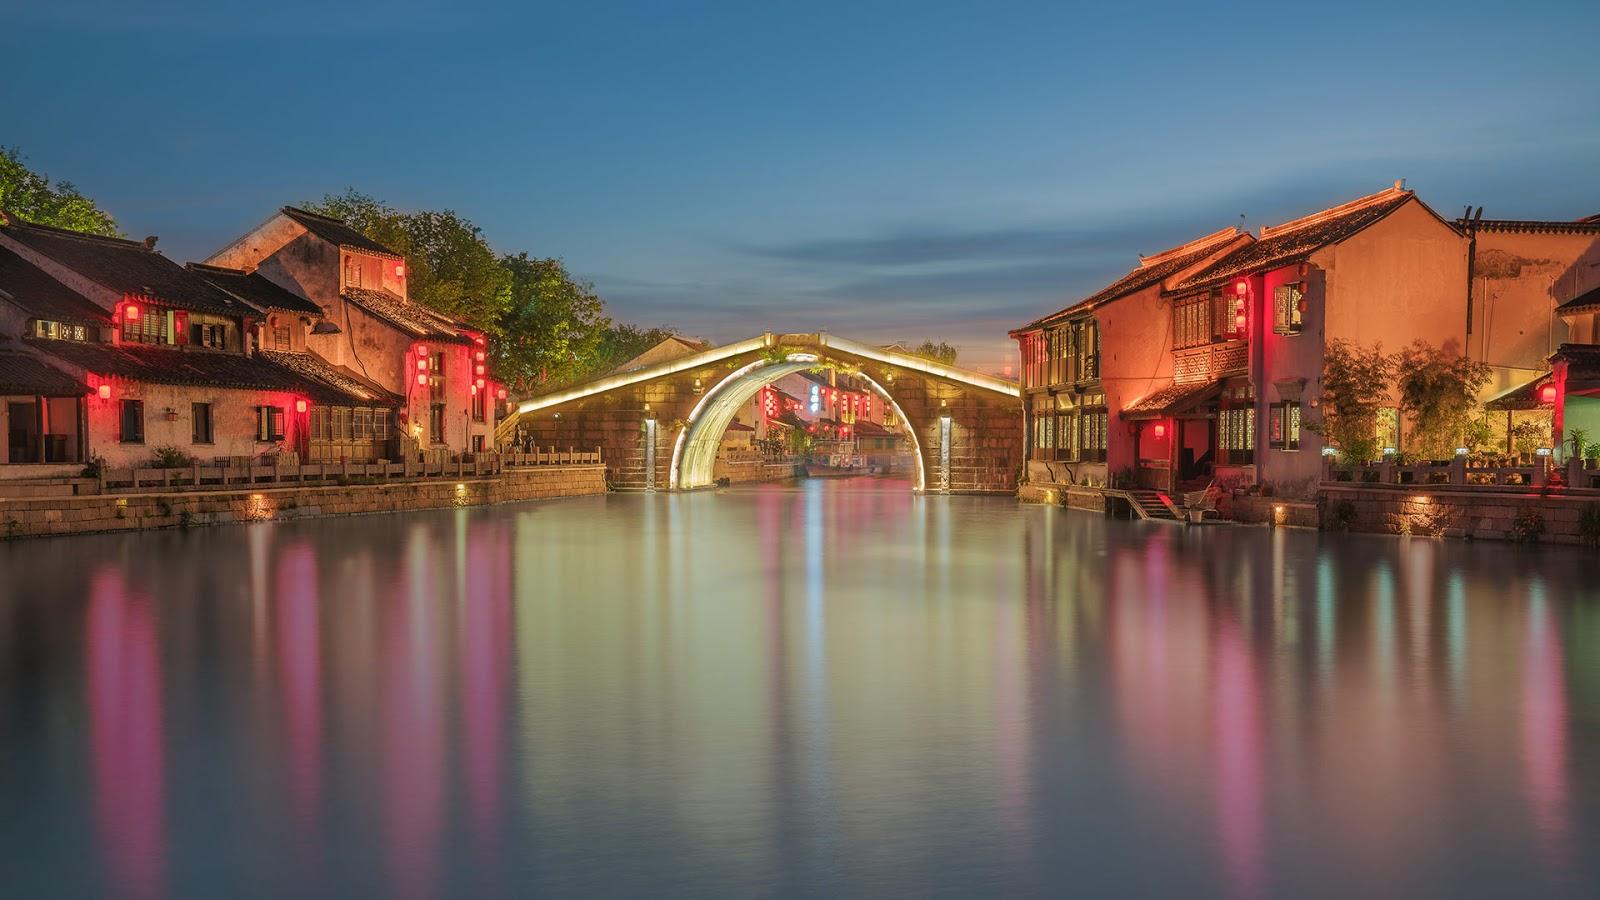 Qingming Bridge in Wuxi, China © Hanyu Qiu/Shutterstock